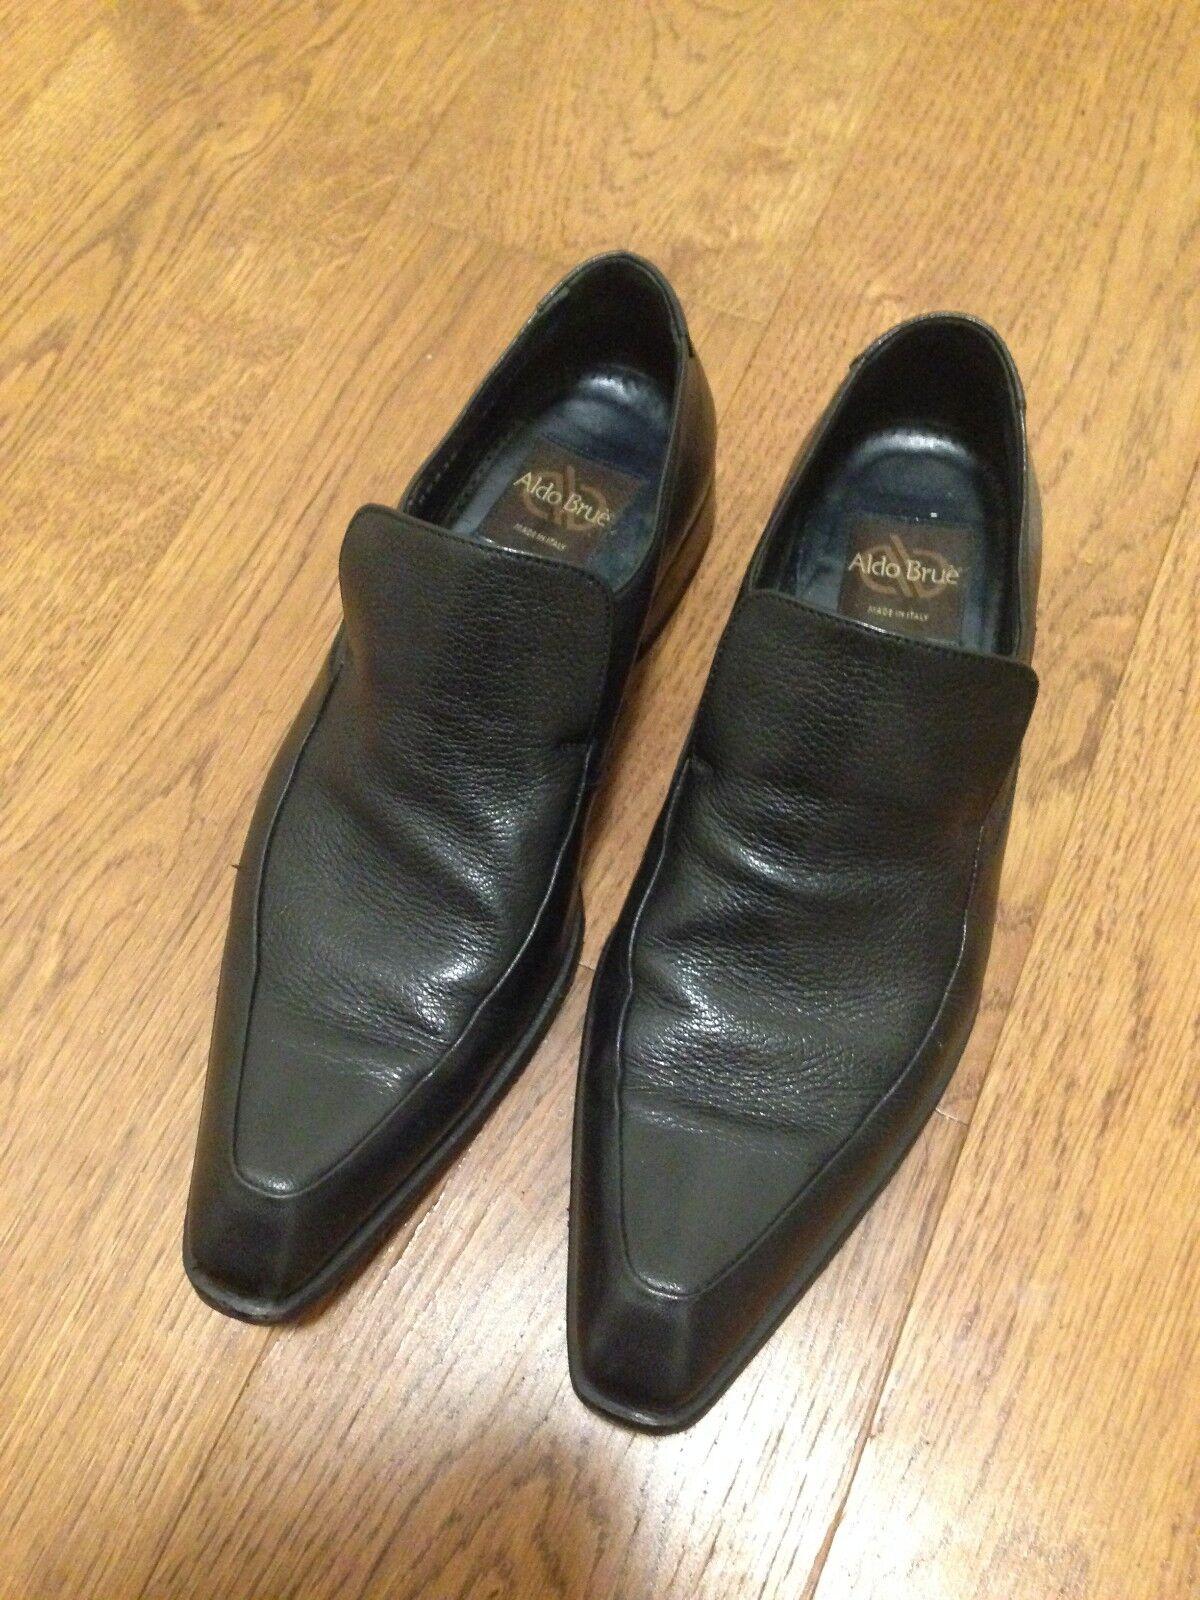 Aldo Brue Men's fashion shoes - mint